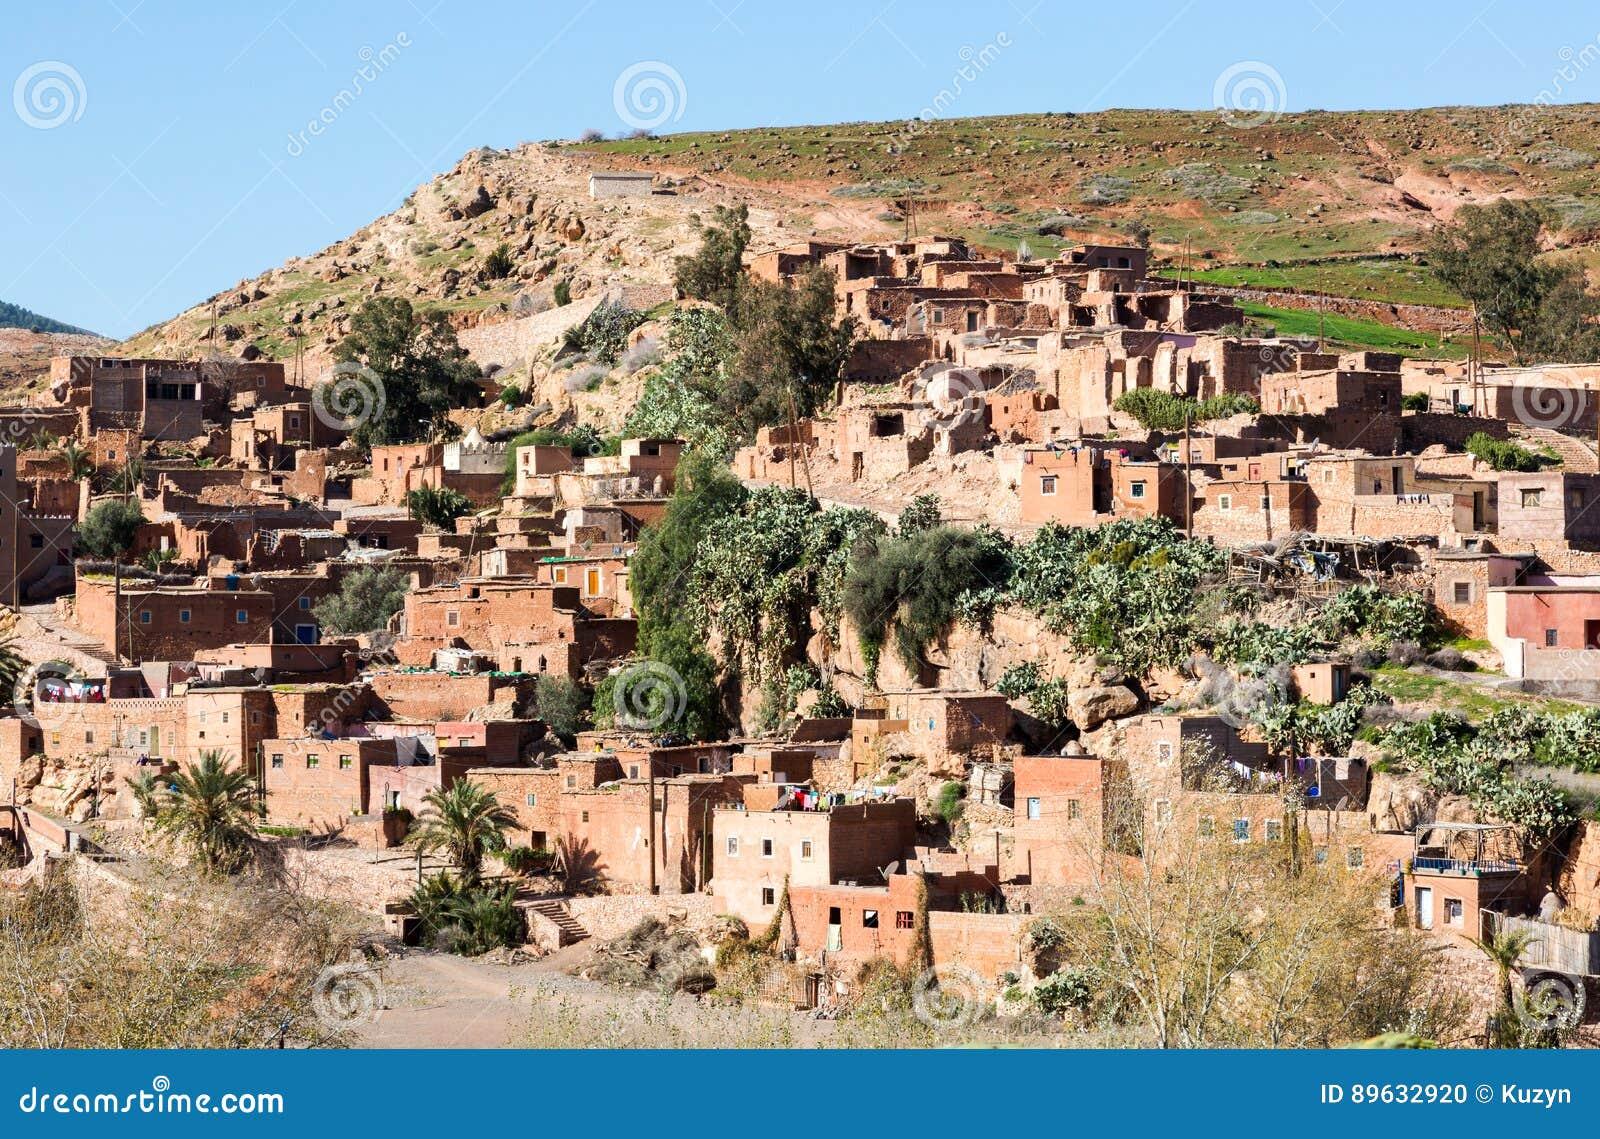 Traditioneel conservatief berberdorp in Atlasbergen, Moro